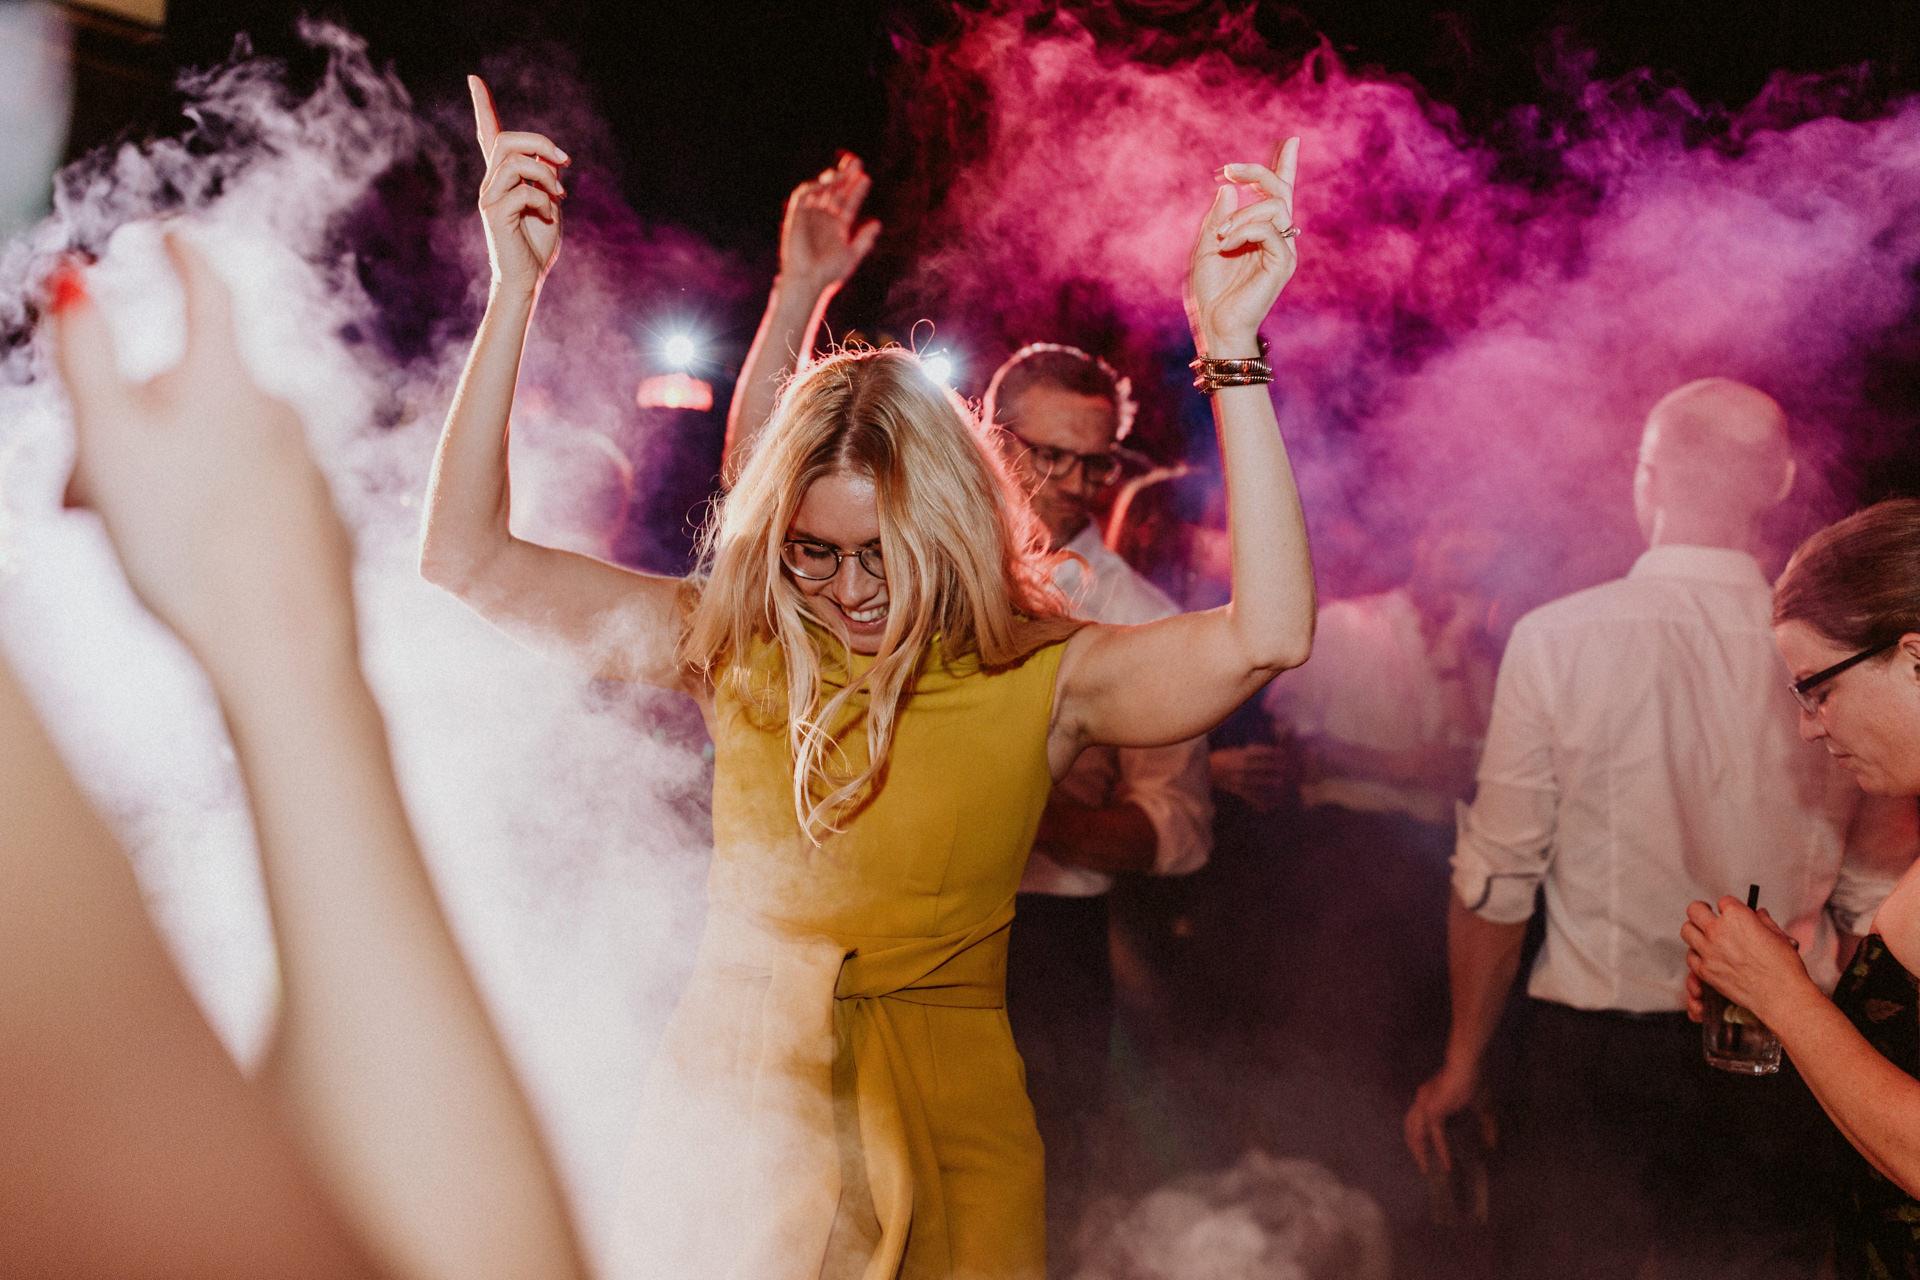 hochzeitsparty künstlerhaus münchen zusammen tanzen feiern